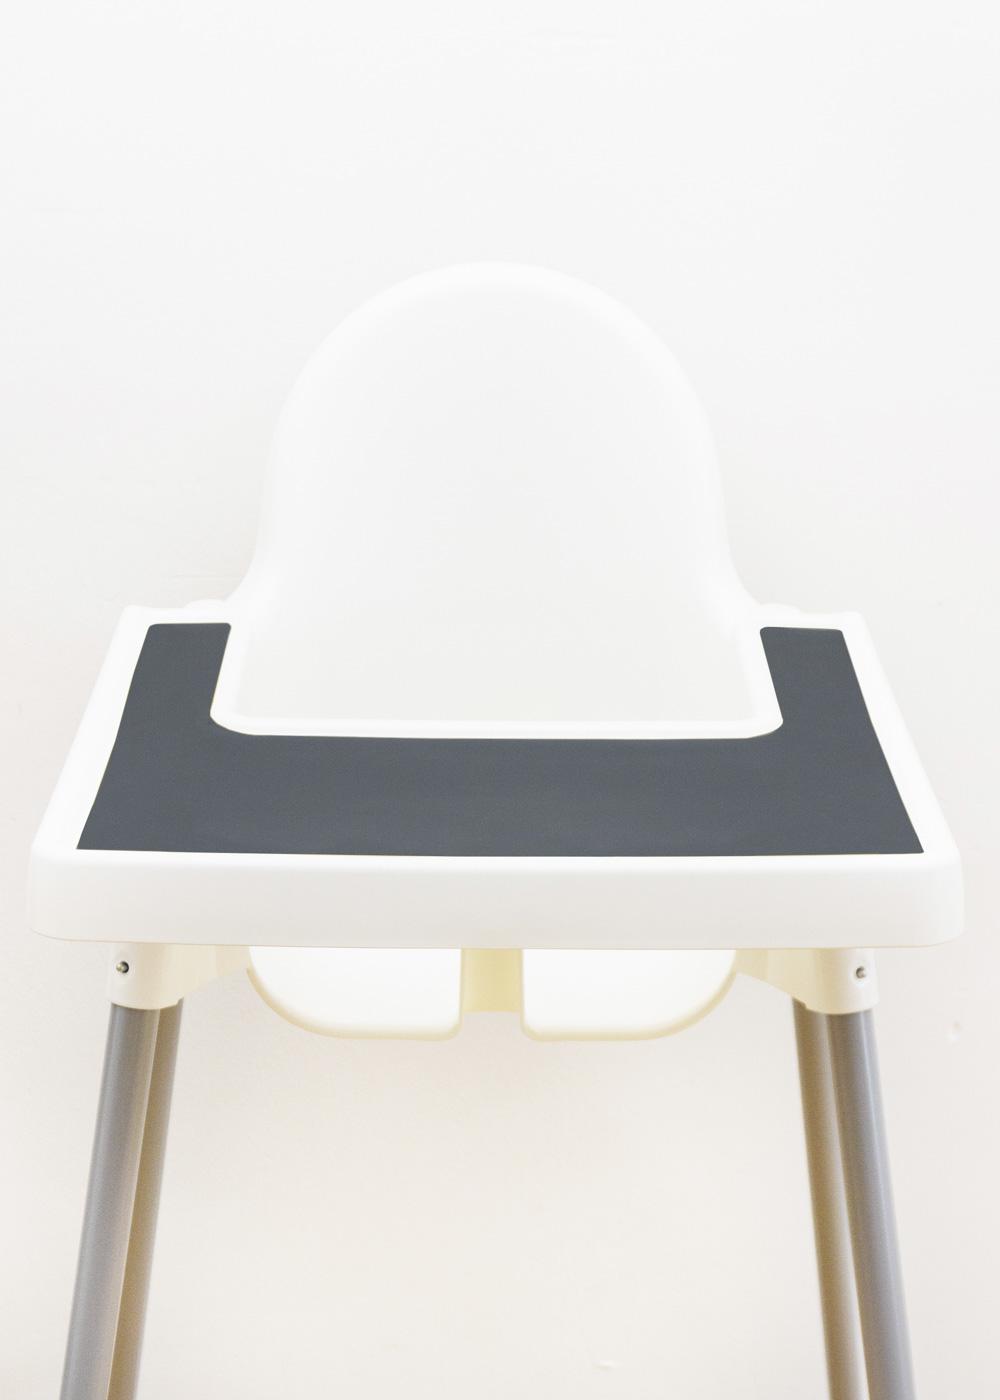 Silikonmatte Ikea Antilop Hochstuhl Klecka Mat schiefer